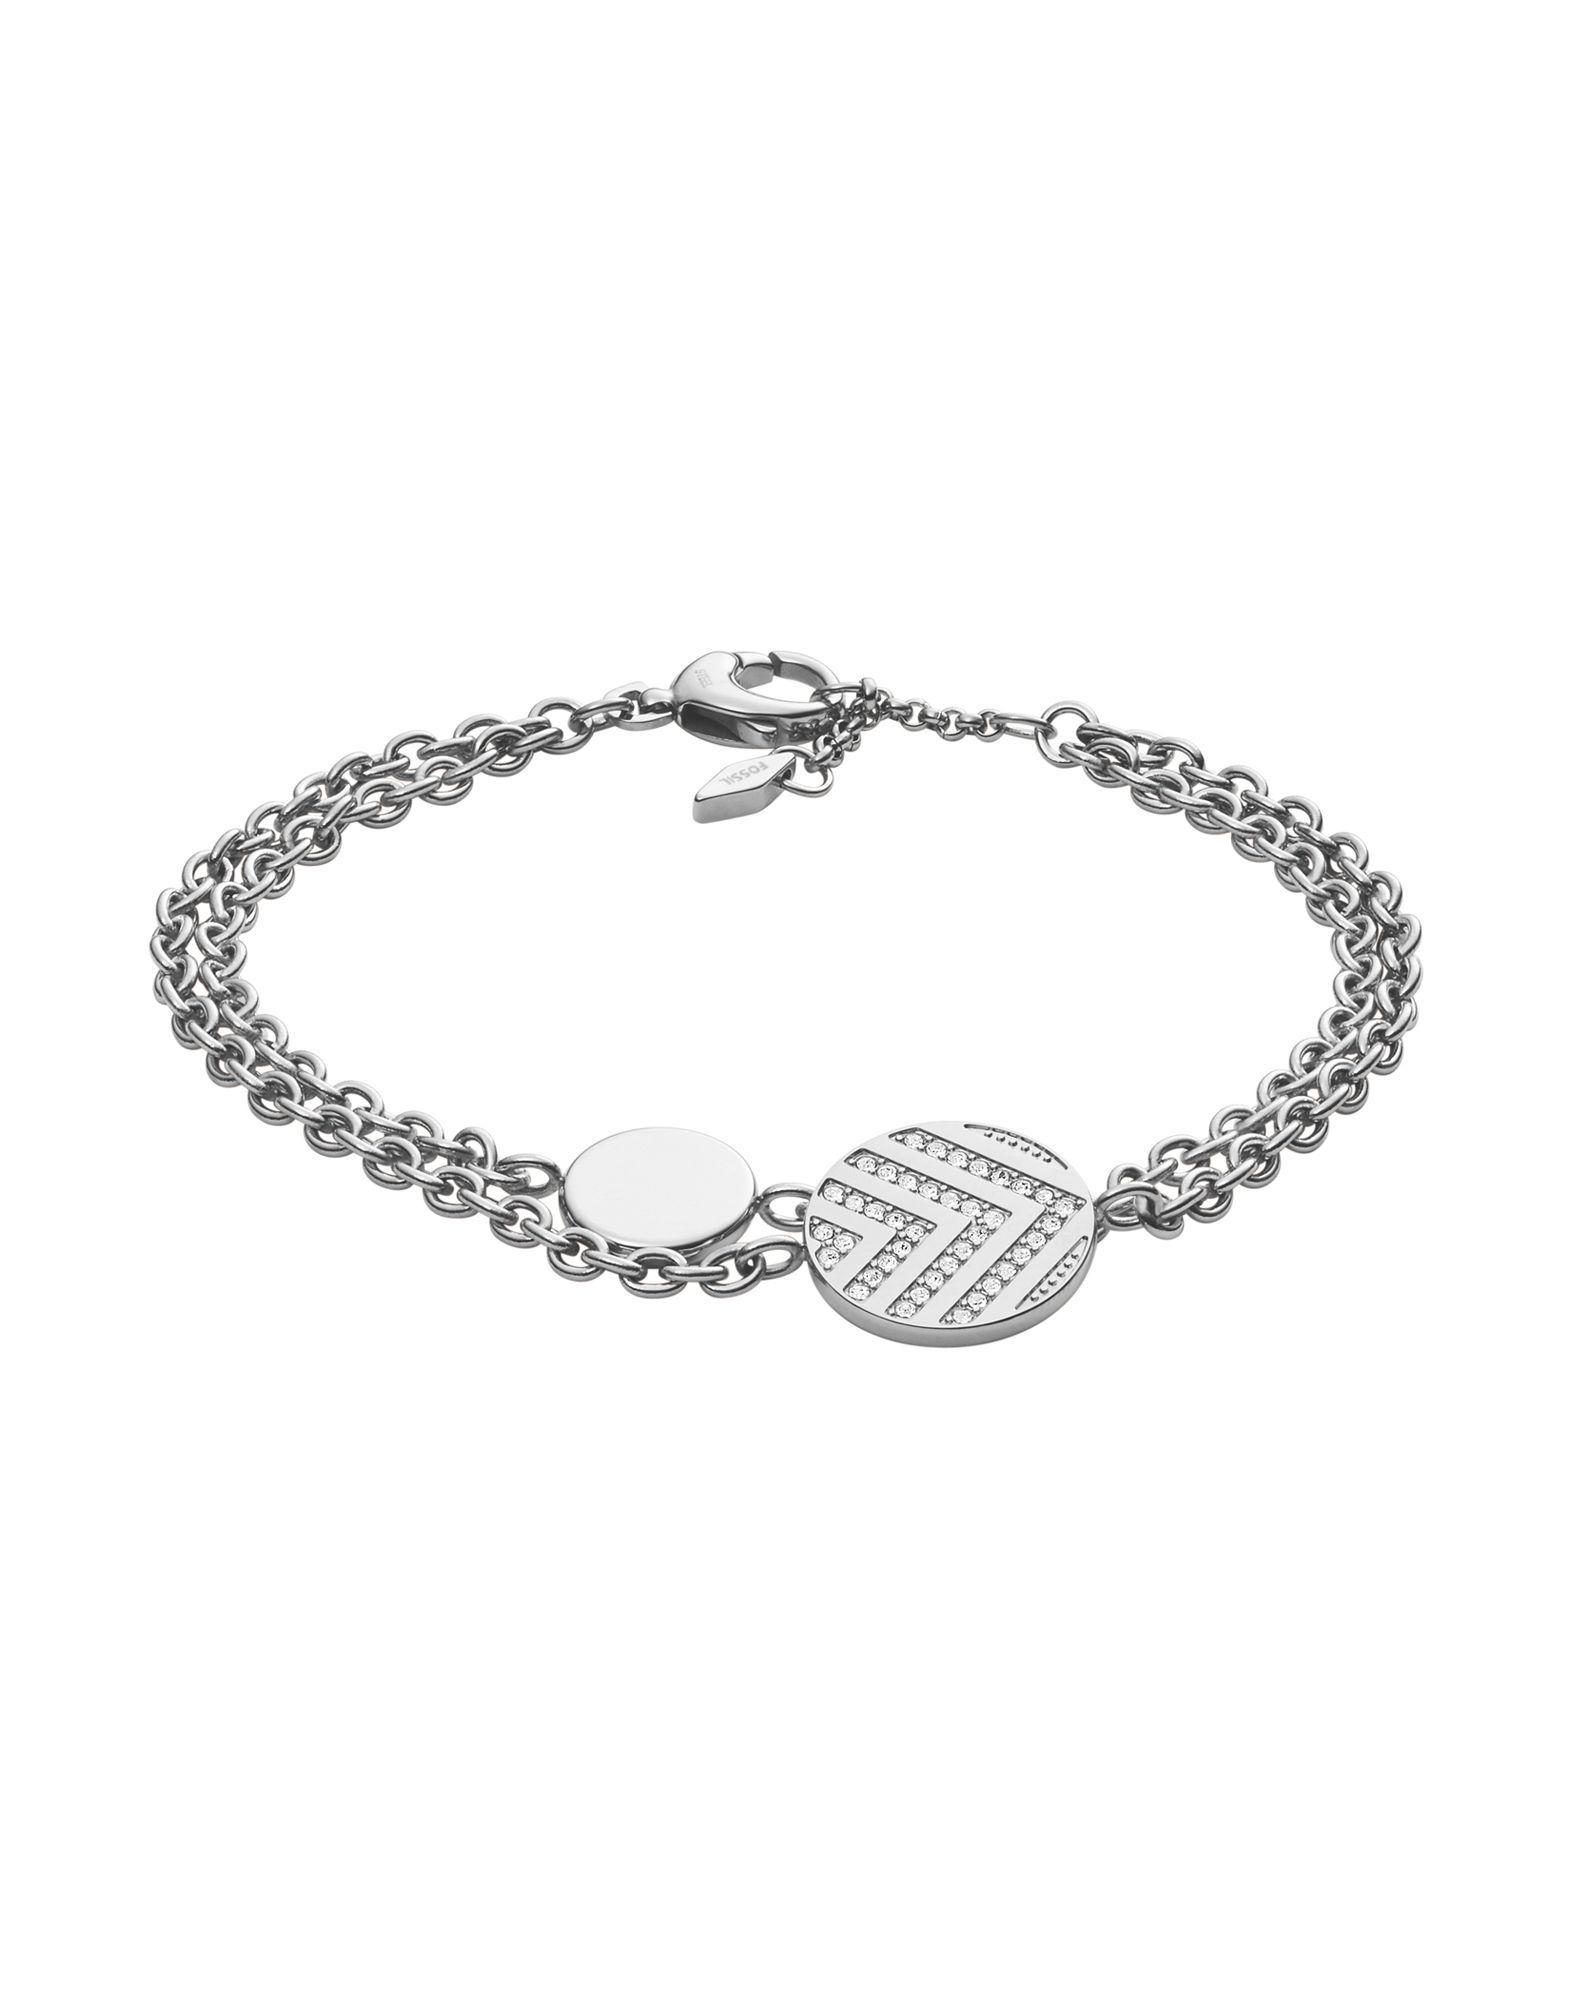 Fossil Bracelet In Silver Metallic